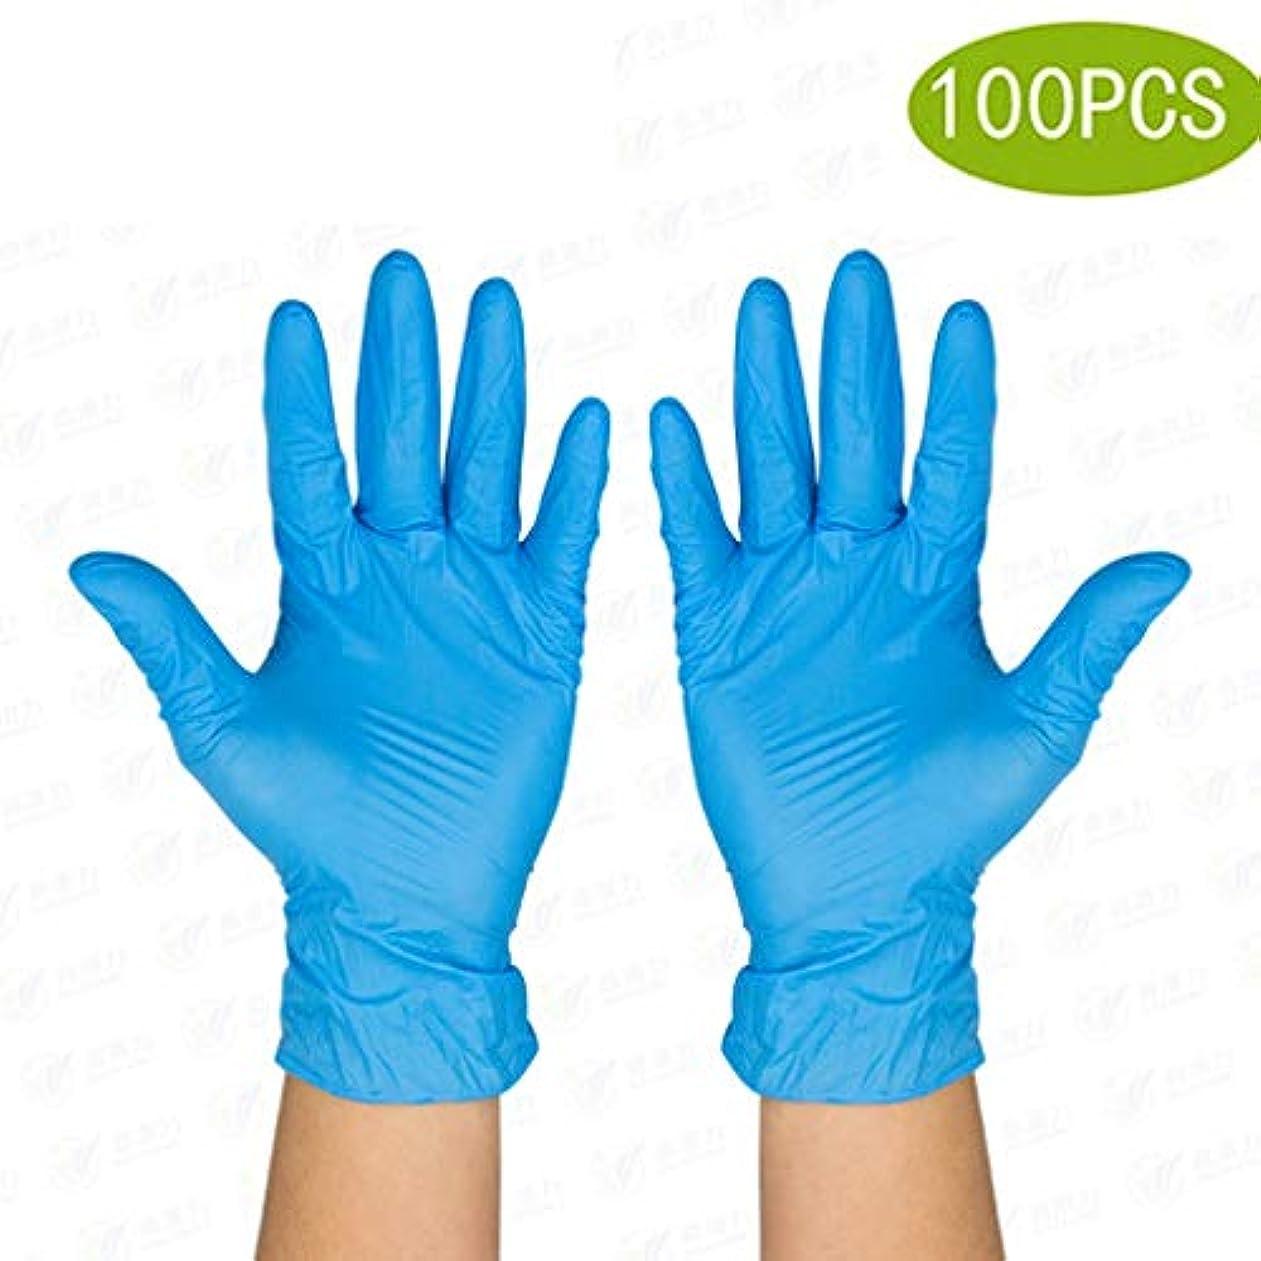 カジュアル準備した識字保護用使い捨てニトリル医療用手袋、3mil、ラテックスフリー、試験グレードの手袋、質感のある、両性、非滅菌の、100ラテックス手袋のパック (Color : Blue, Size : L)